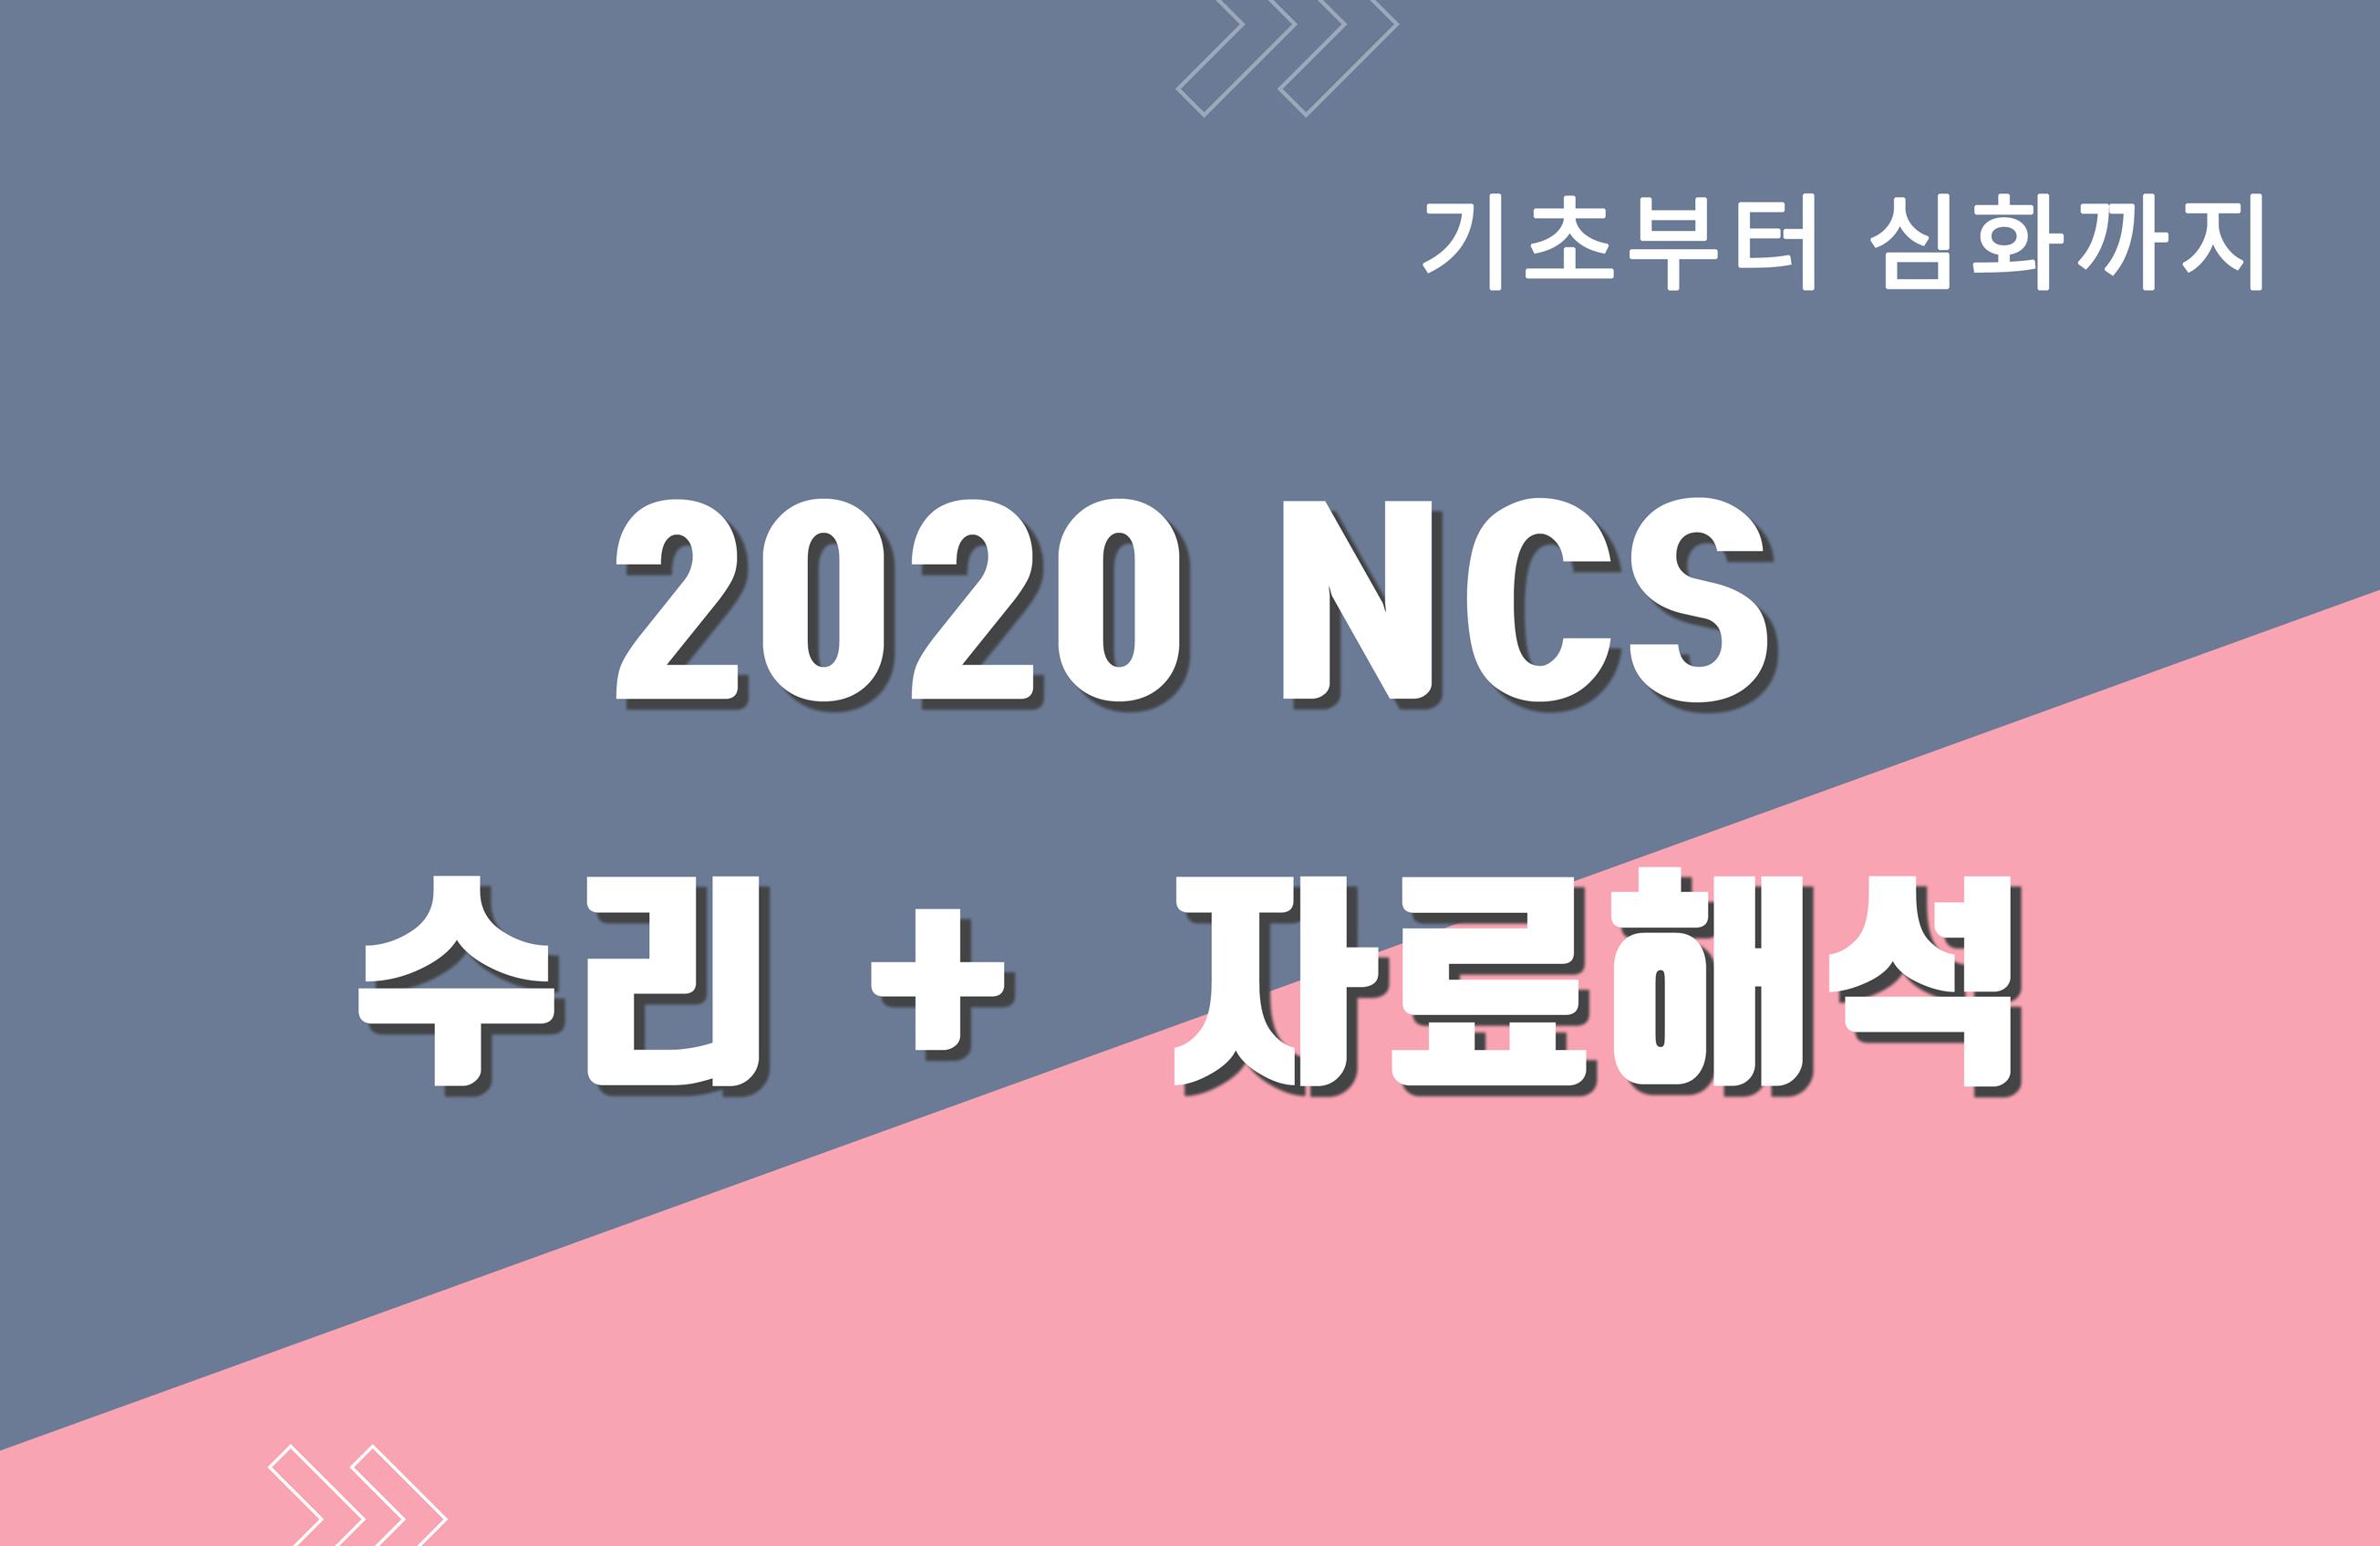 [기초부터 심화까지] 2020 NCS 수리 + 자료해석